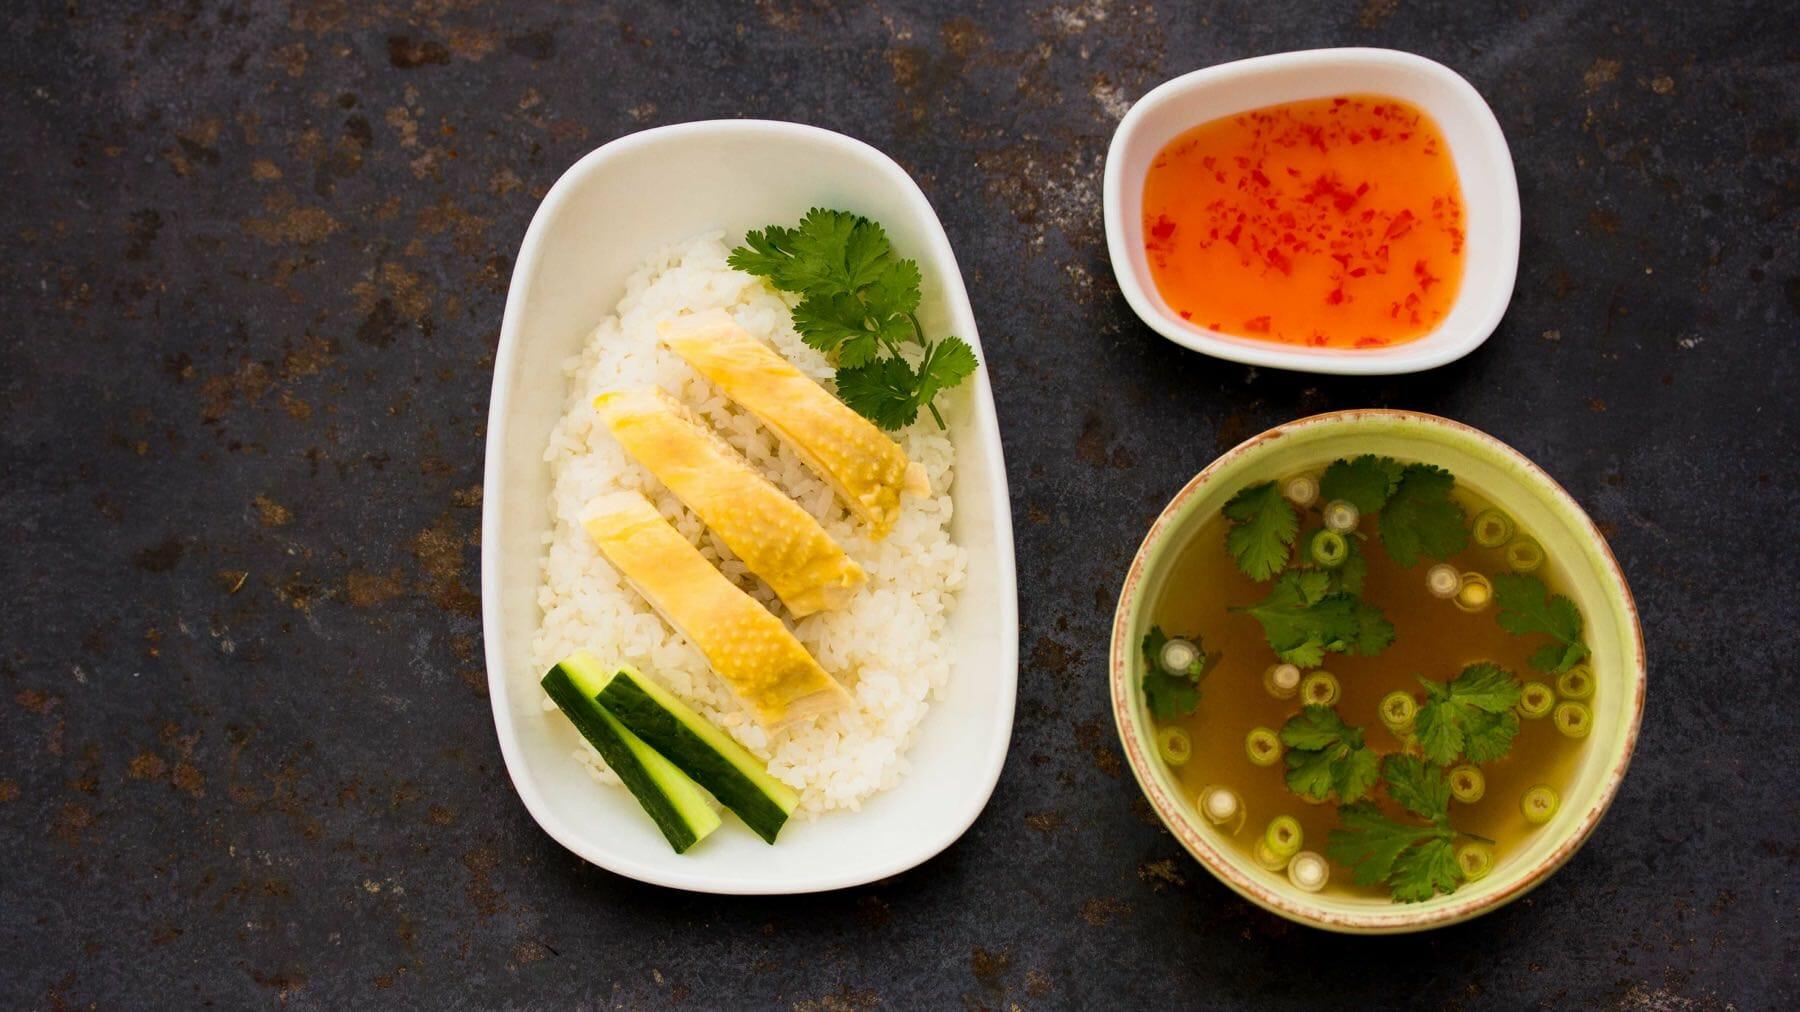 Saftiges Hähnchen mit aromatischem Reis - khao man gai